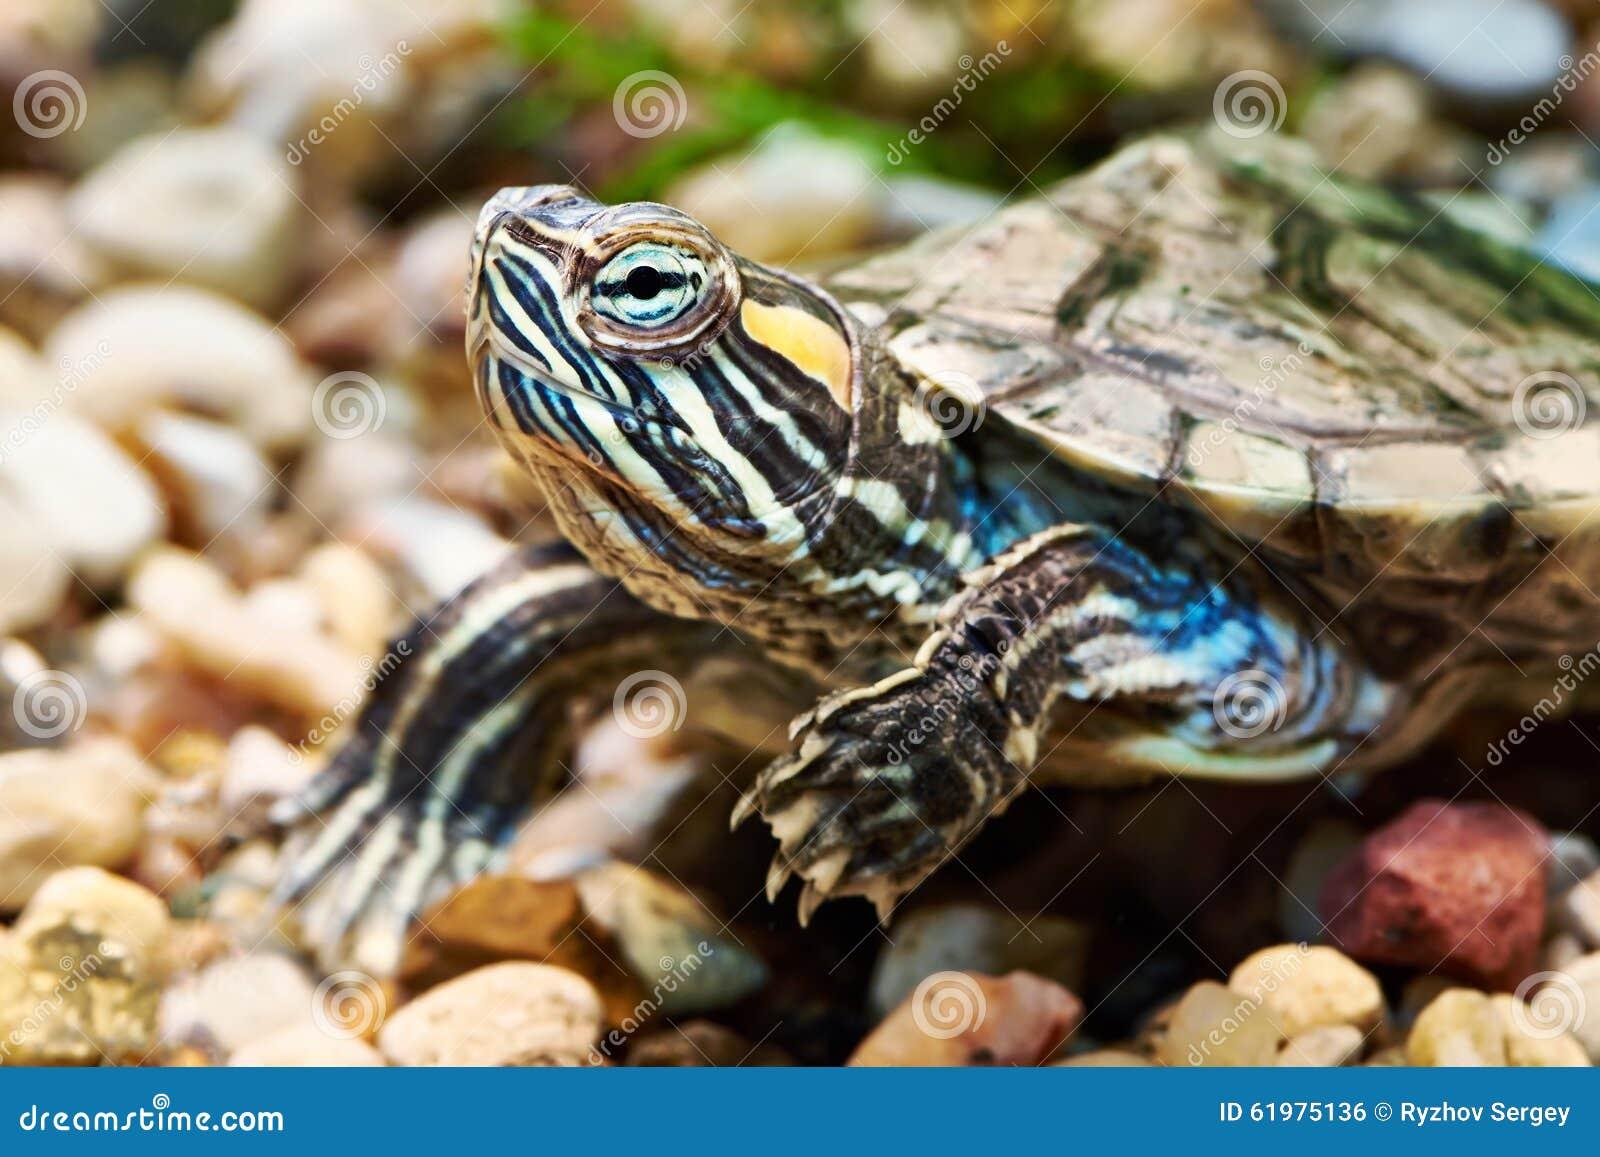 Small red-ear turtle in aquarium.